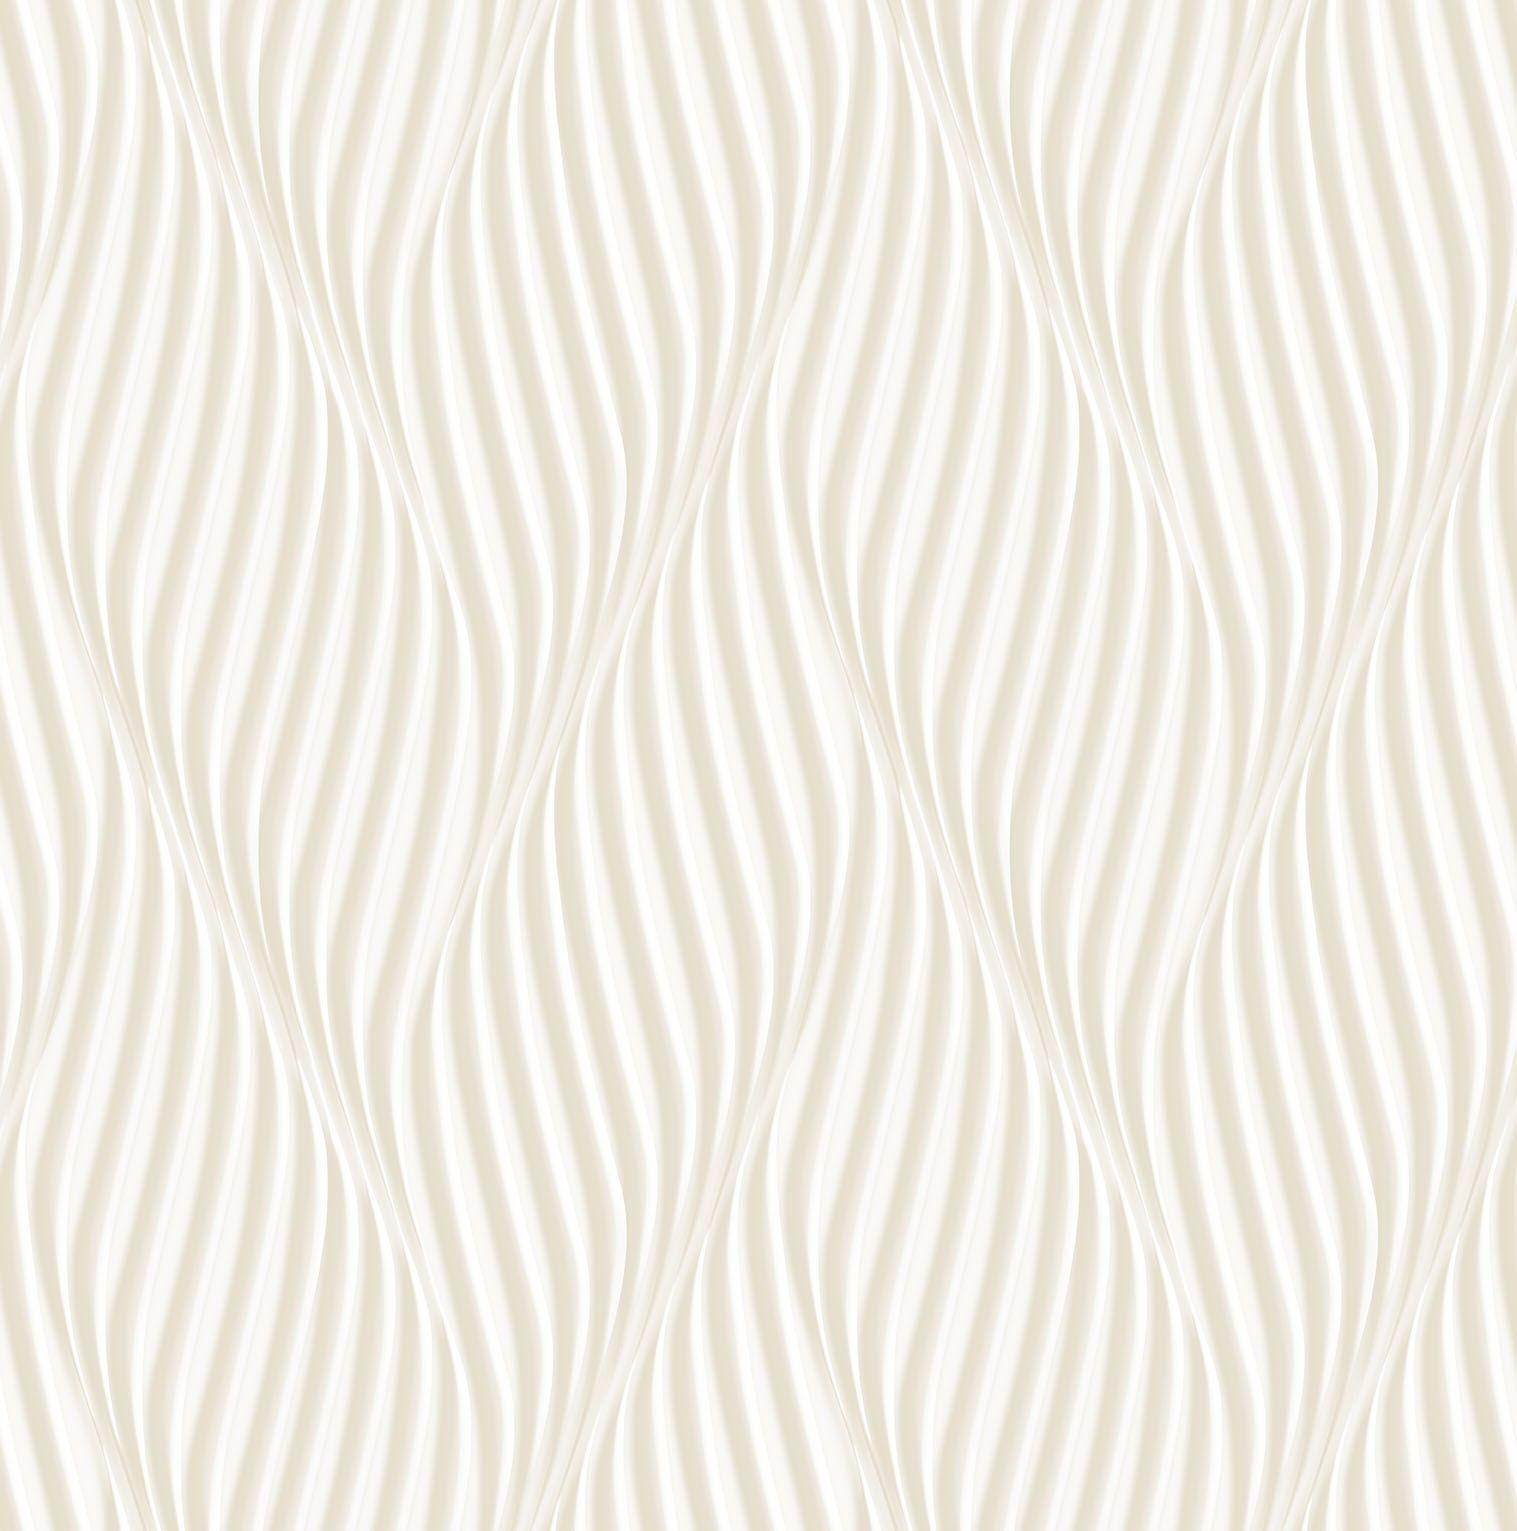 Papel de parede Bobinex  Vinílico Coleção Dimensões Geométrico Espiral Bege, Marfim